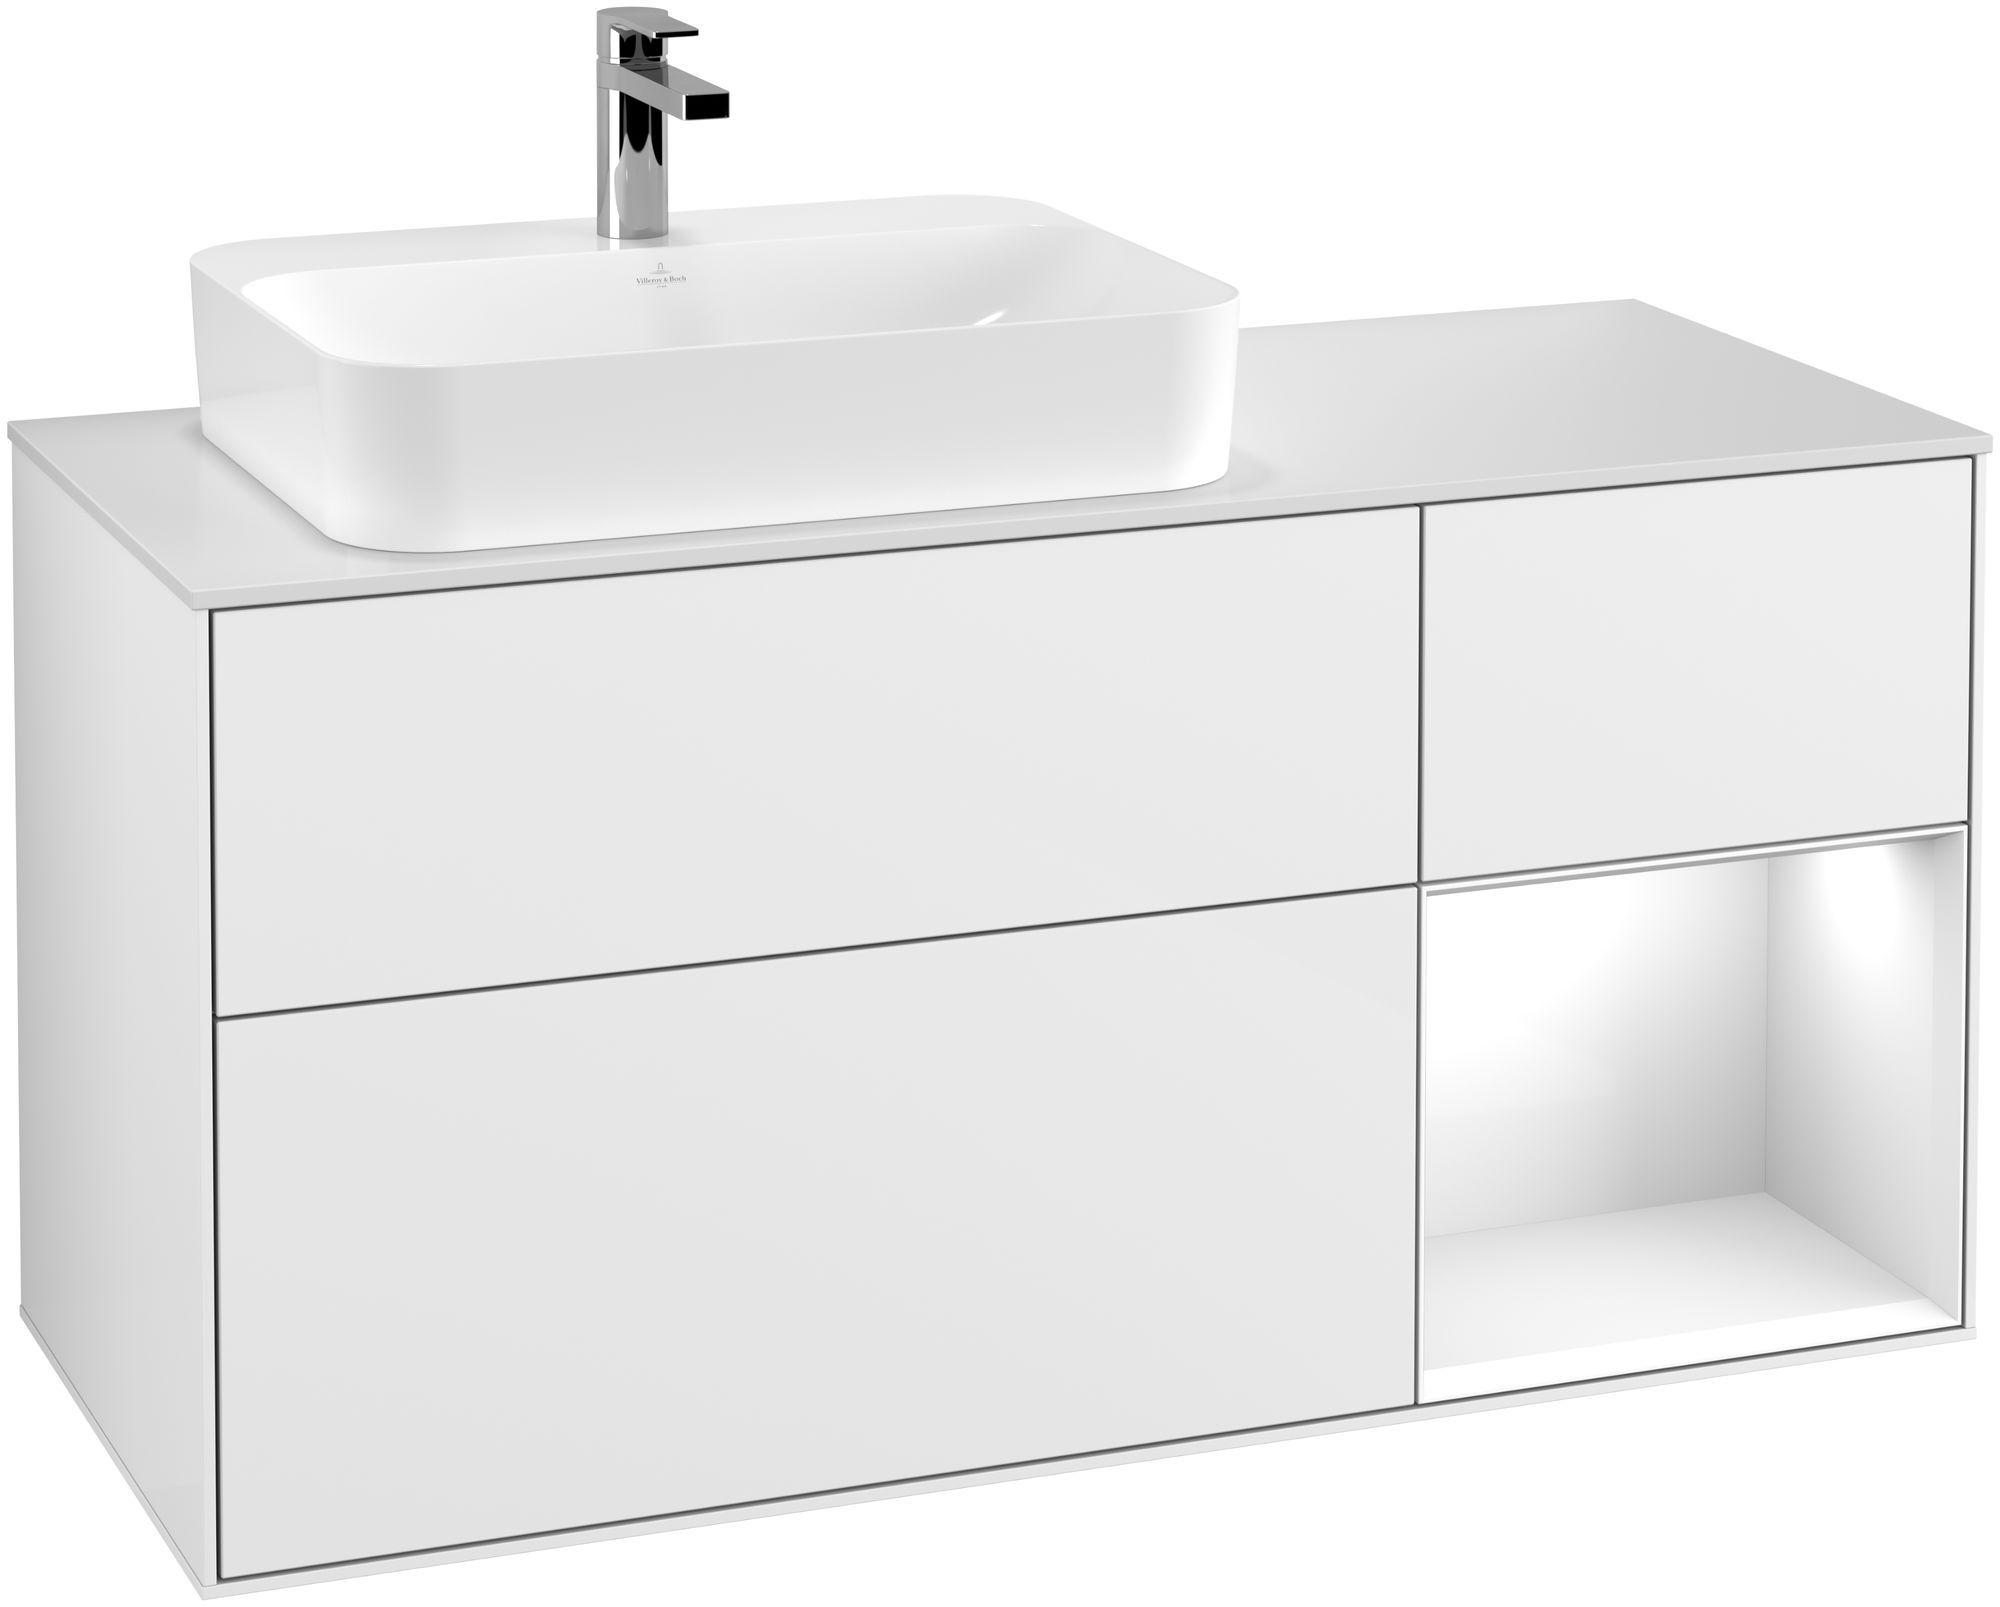 Villeroy & Boch Finion G40 Waschtischunterschrank mit Regalelement 3 Auszüge Waschtisch links LED-Beleuchtung B:120xH:60,3xT:50,1cm Front, Korpus: Glossy White Lack, Glasplatte: White Matt G401GFGF